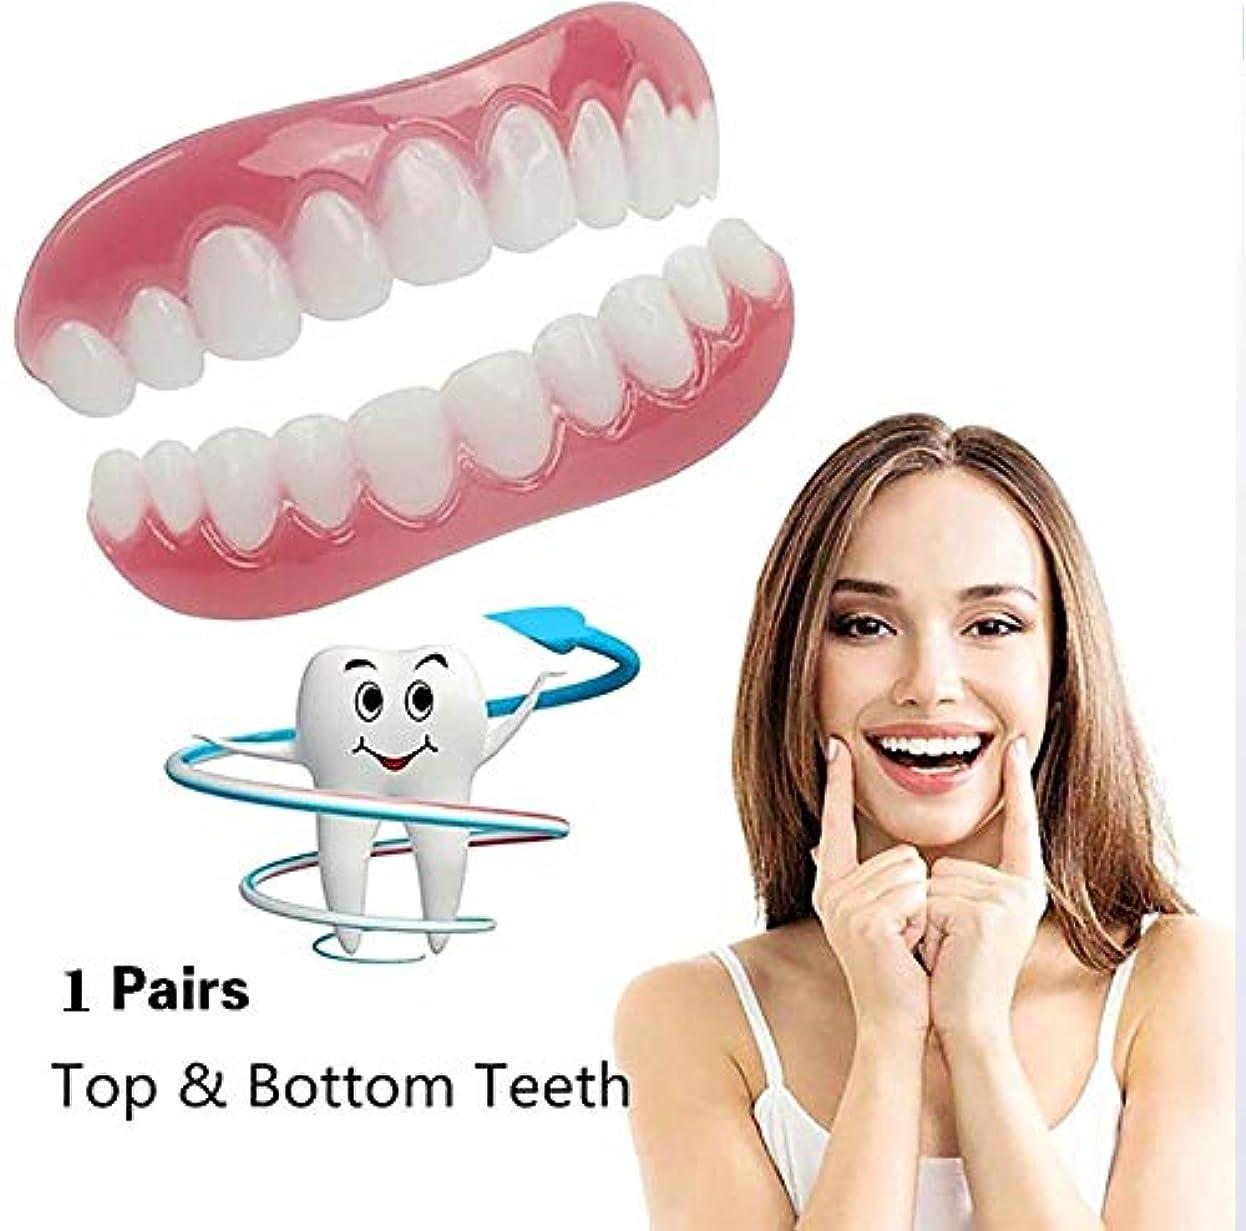 美徳航空機東ティモールパーフェクトインスタントスマイルティースベニアインスタント美容義歯上下歯2個入り(フリーサイズ(中)